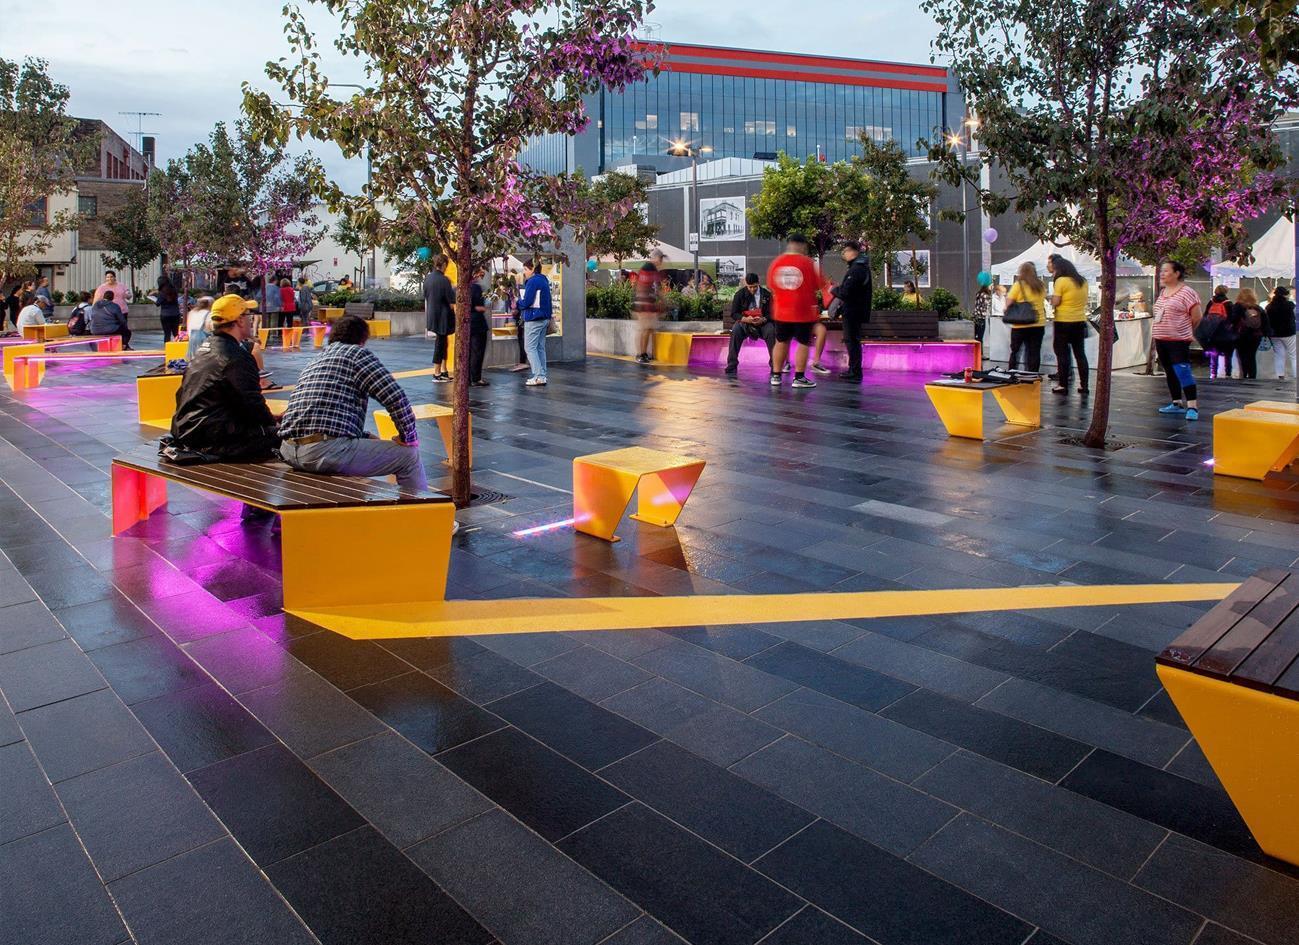 公园道路专用厚砖:2cm石英砖瓷砖厚板对比石材有哪些优缺点?